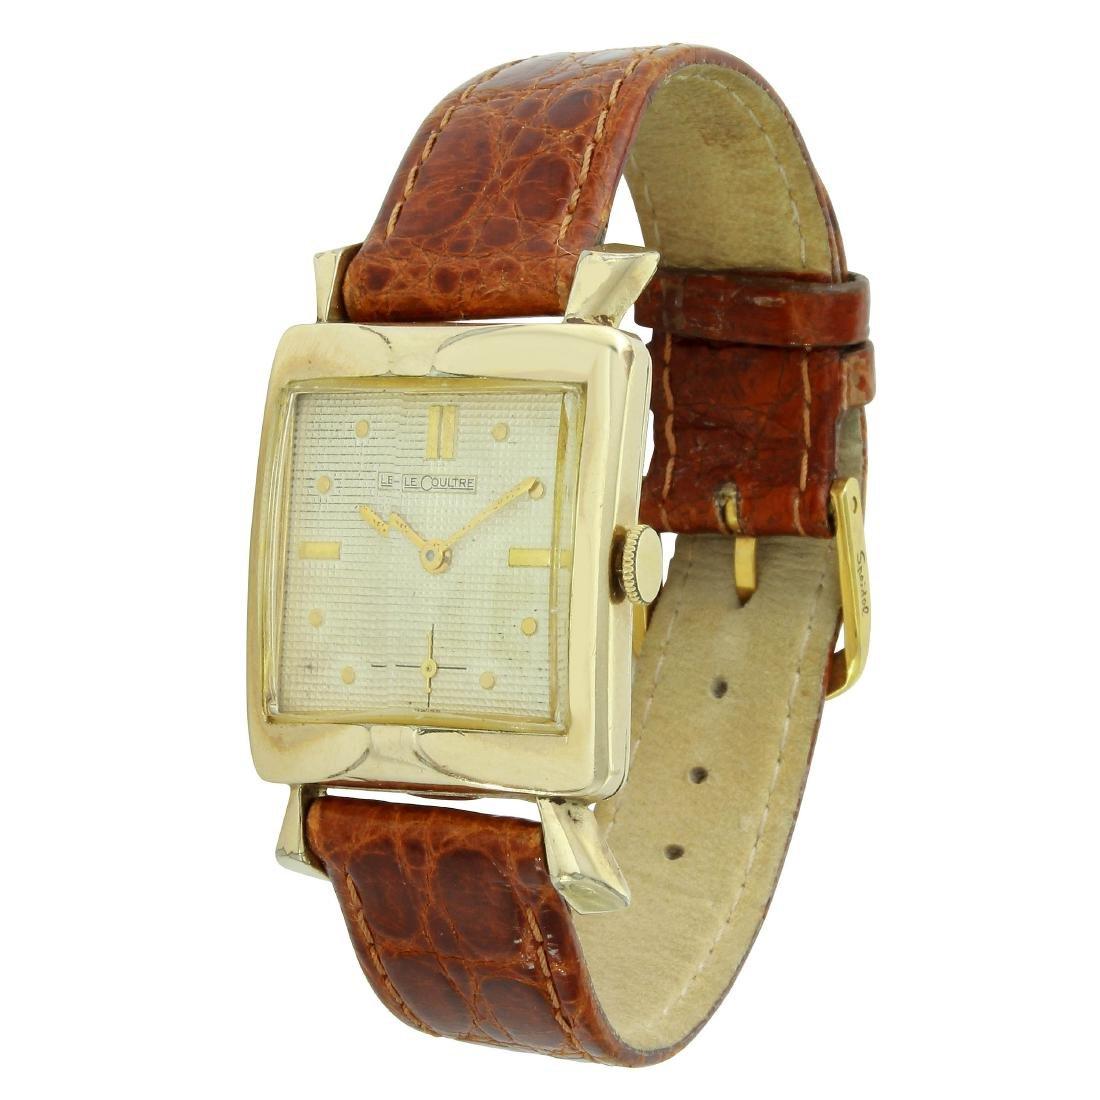 Vintage LeCoultre Art Deco Watch, 1940s